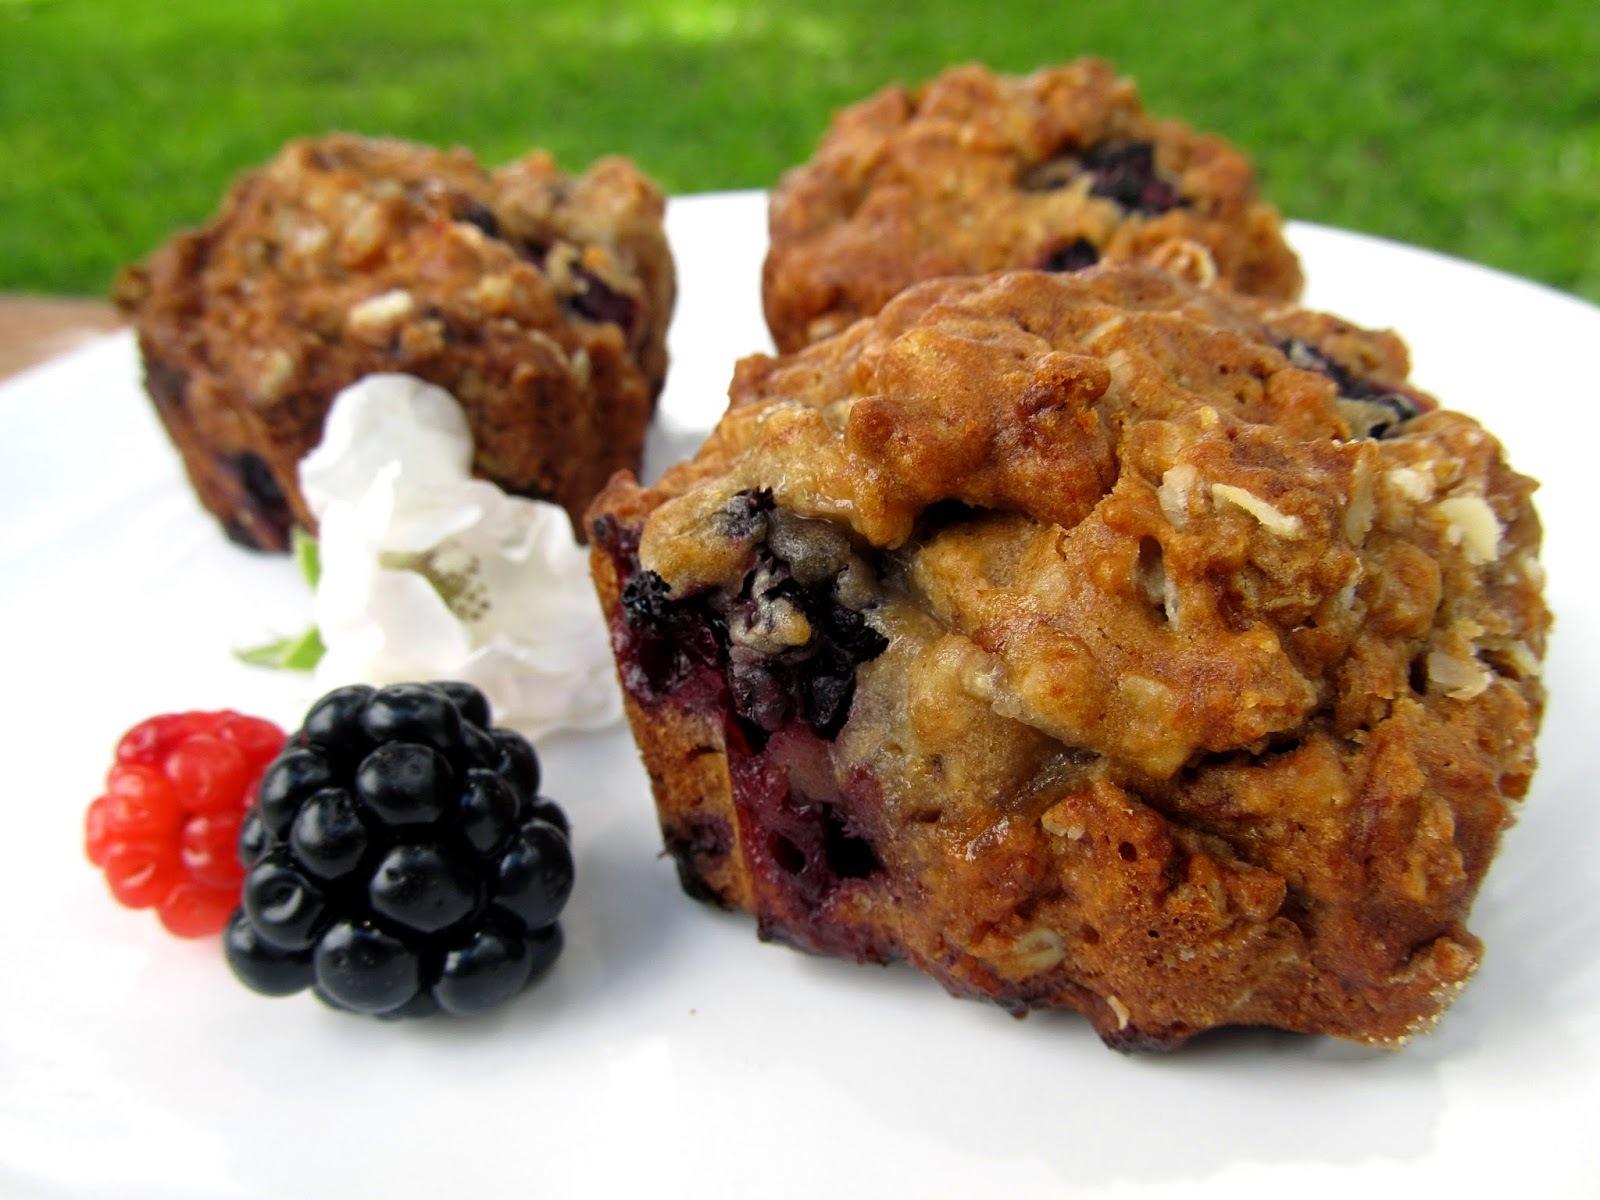 Muffins de banana e amora para o café da manhã